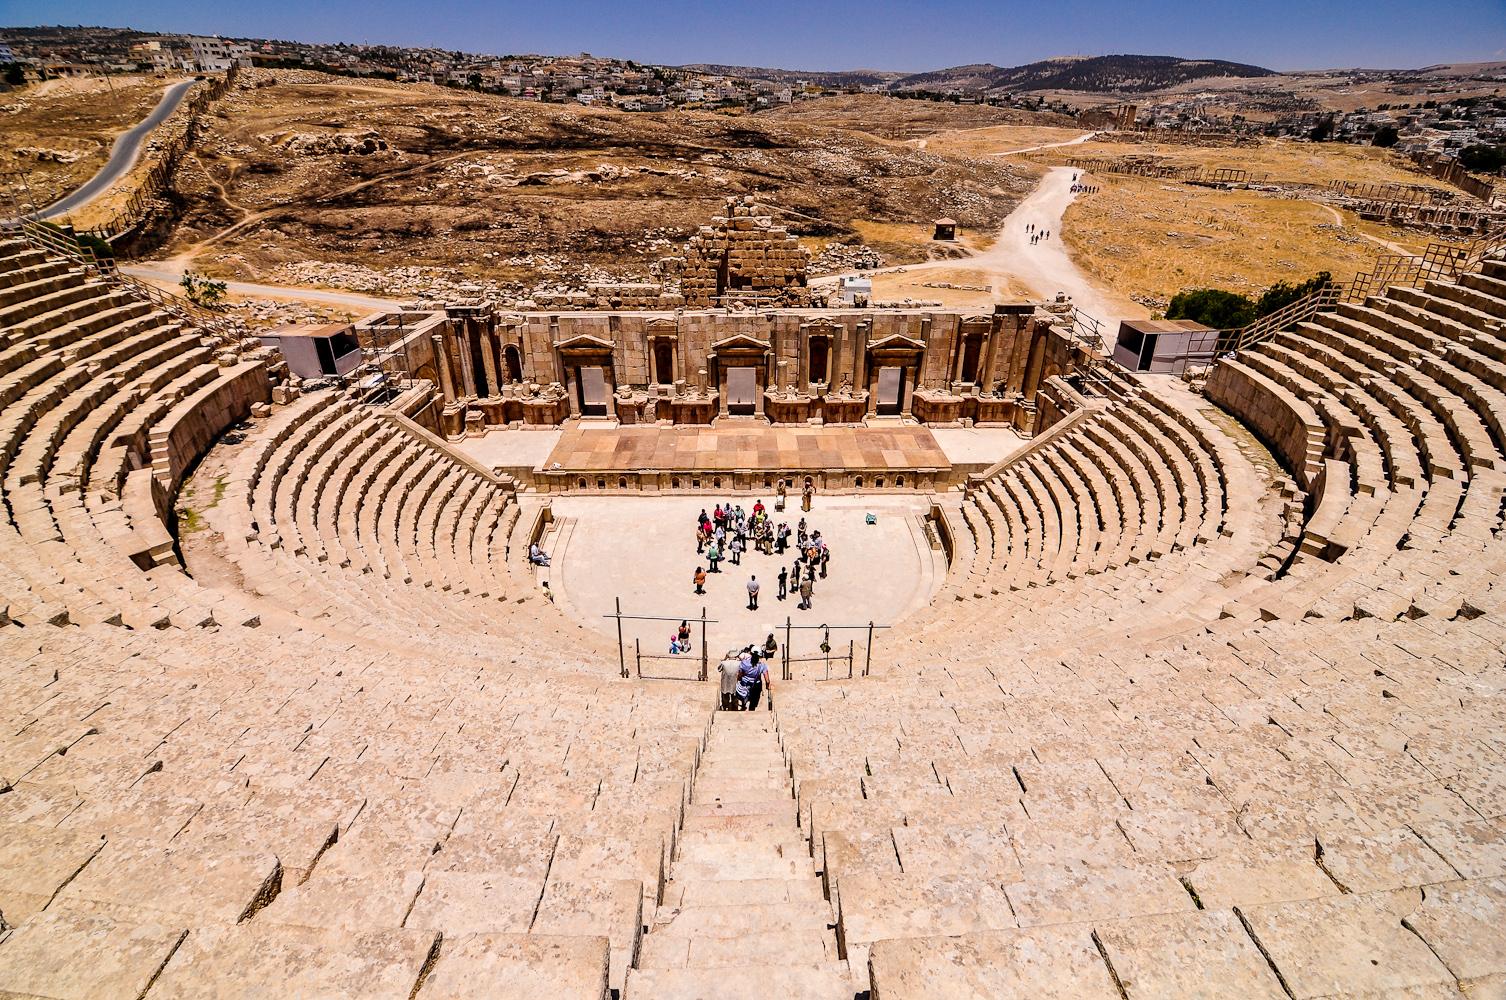 Jordan vùng đất linh thiêng